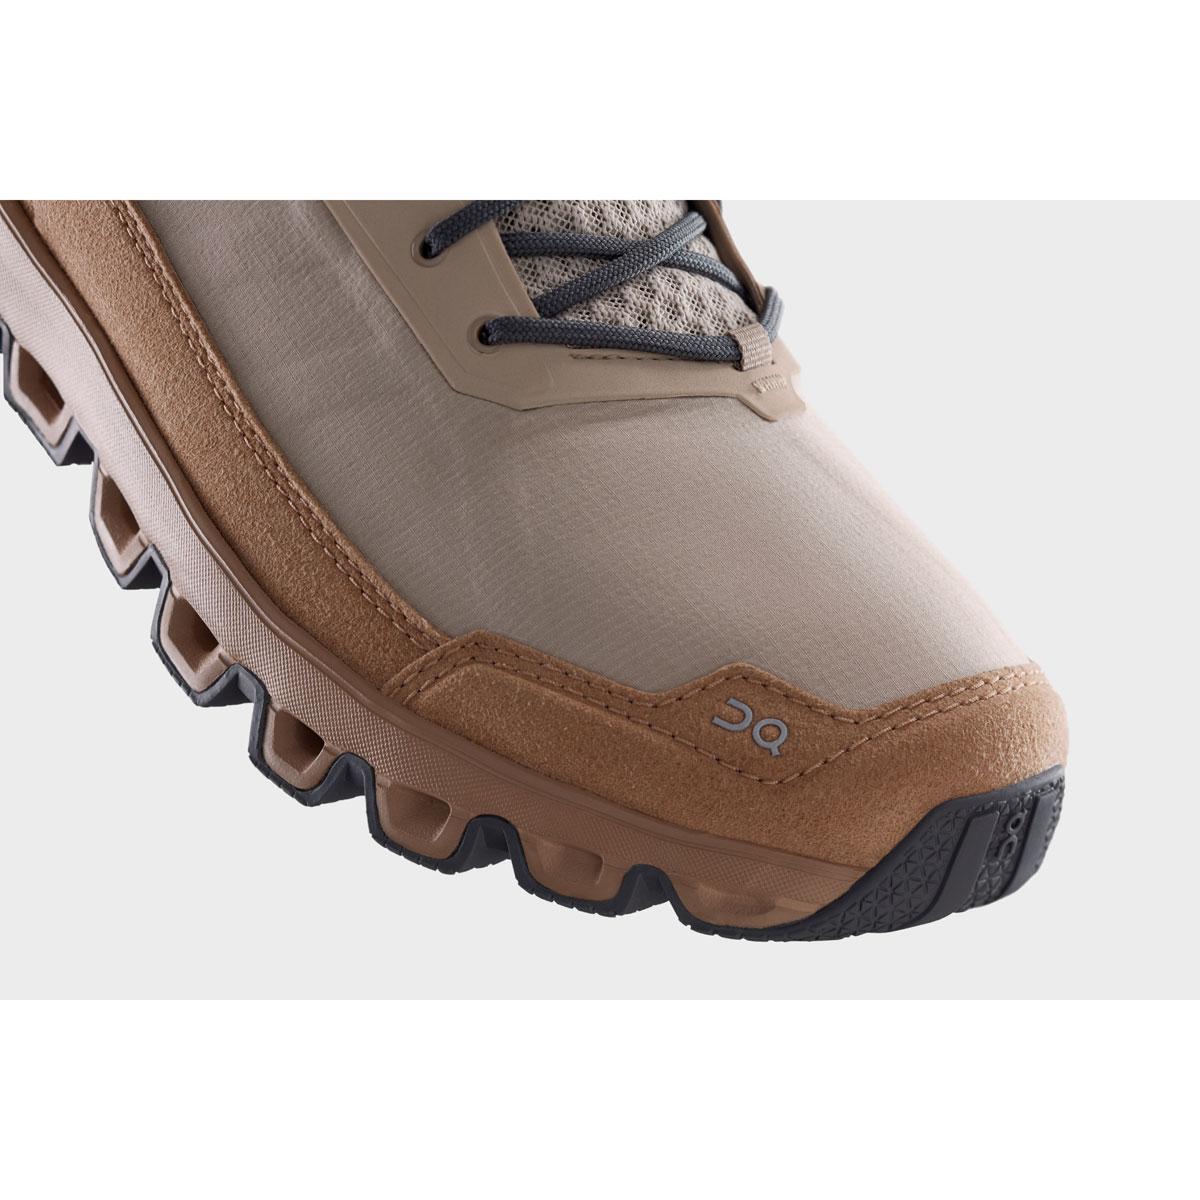 Men's On Cloudridge Hiking Shoe - Color: Sand | Rock - Size: 7 - Width: Regular, Sand | Rock, large, image 4